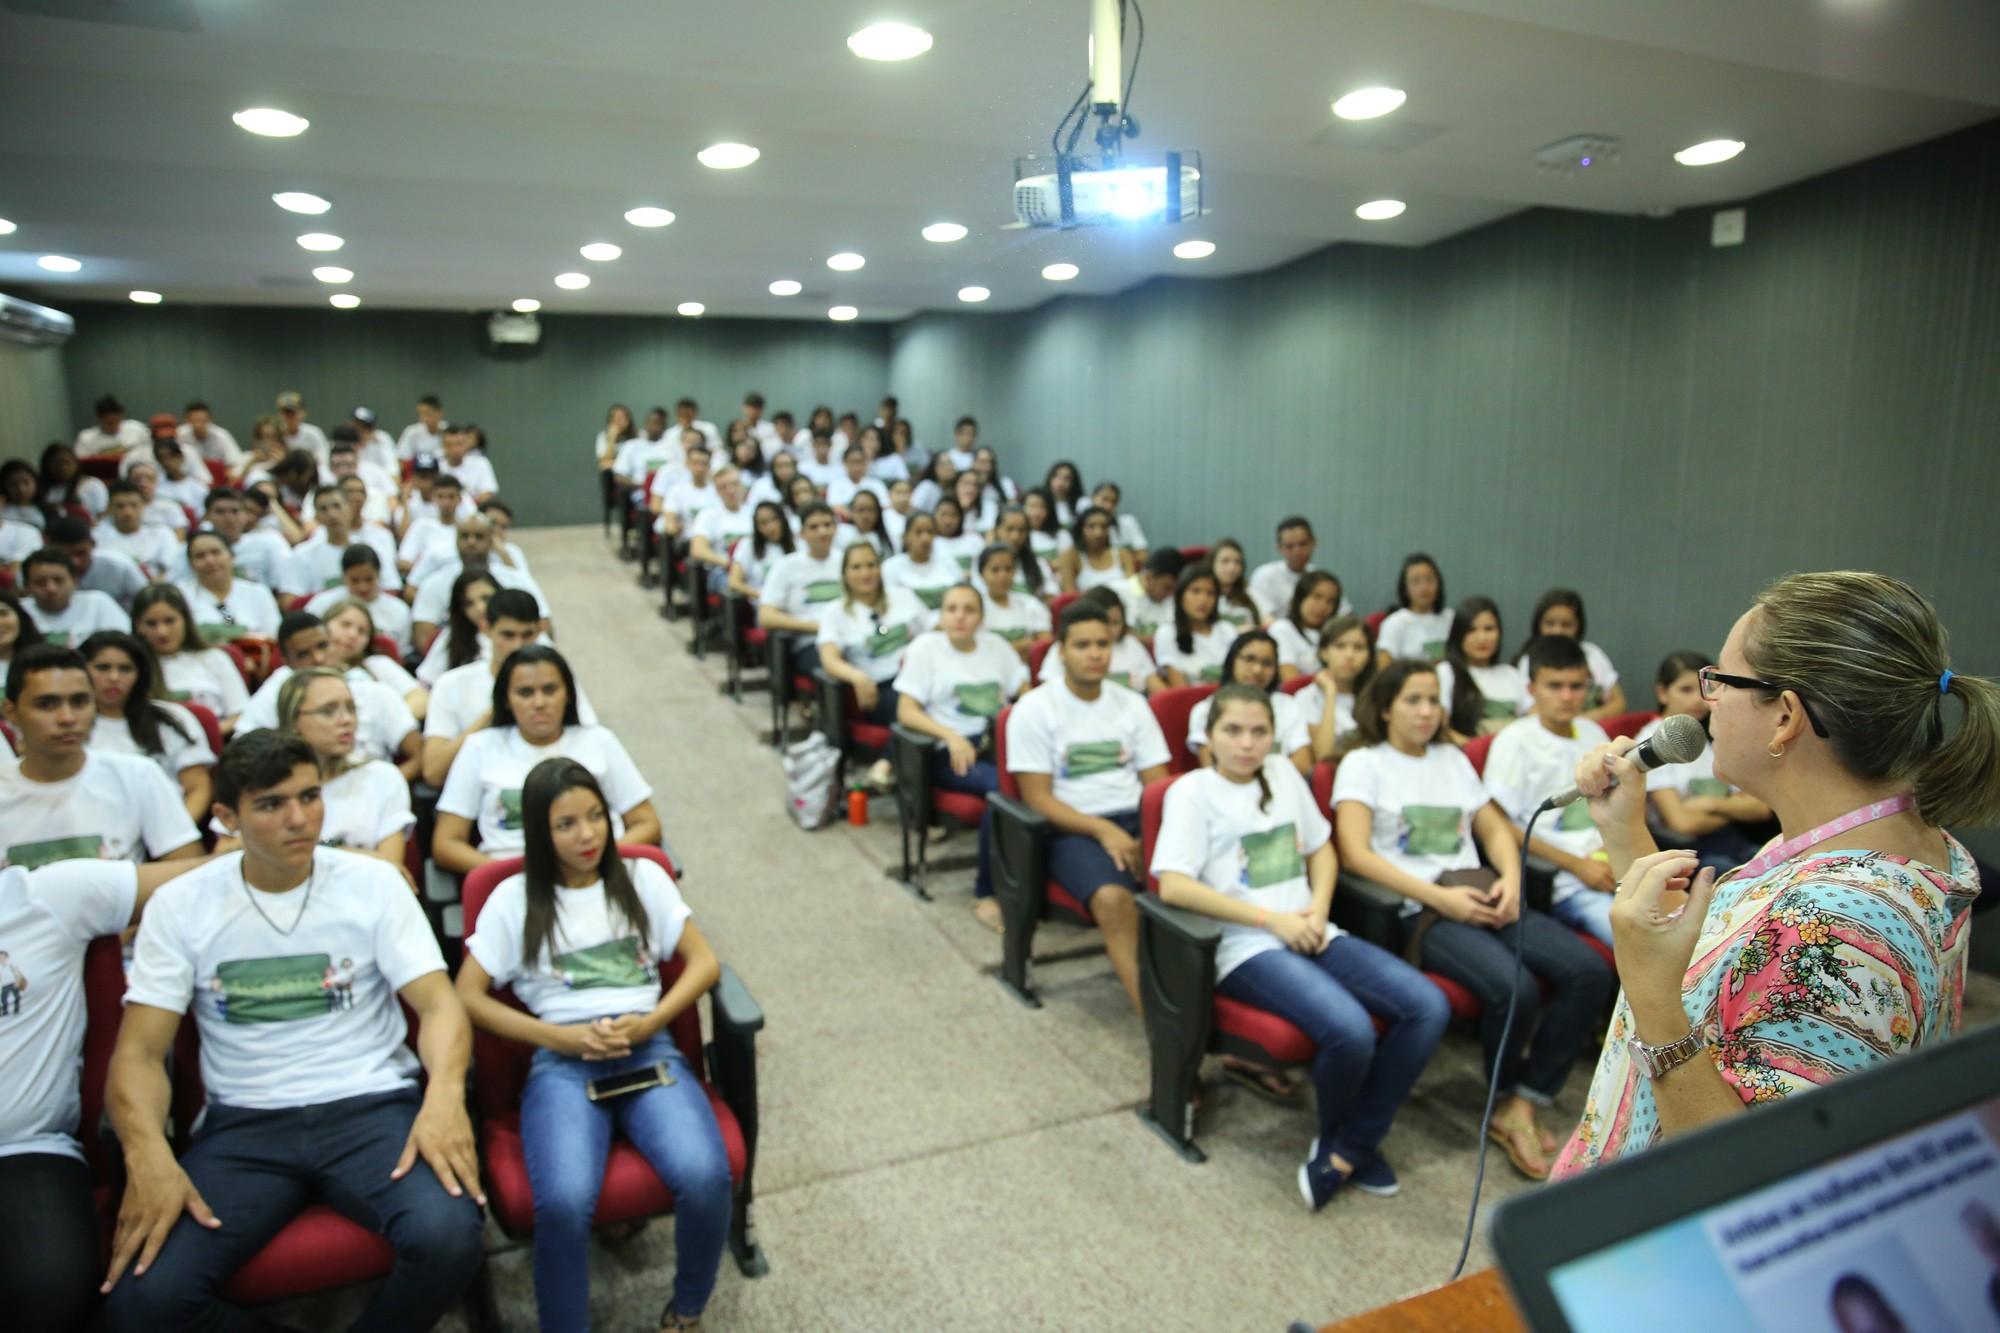 Projeto que auxilia estudantes é lançado em escolas do Ceará